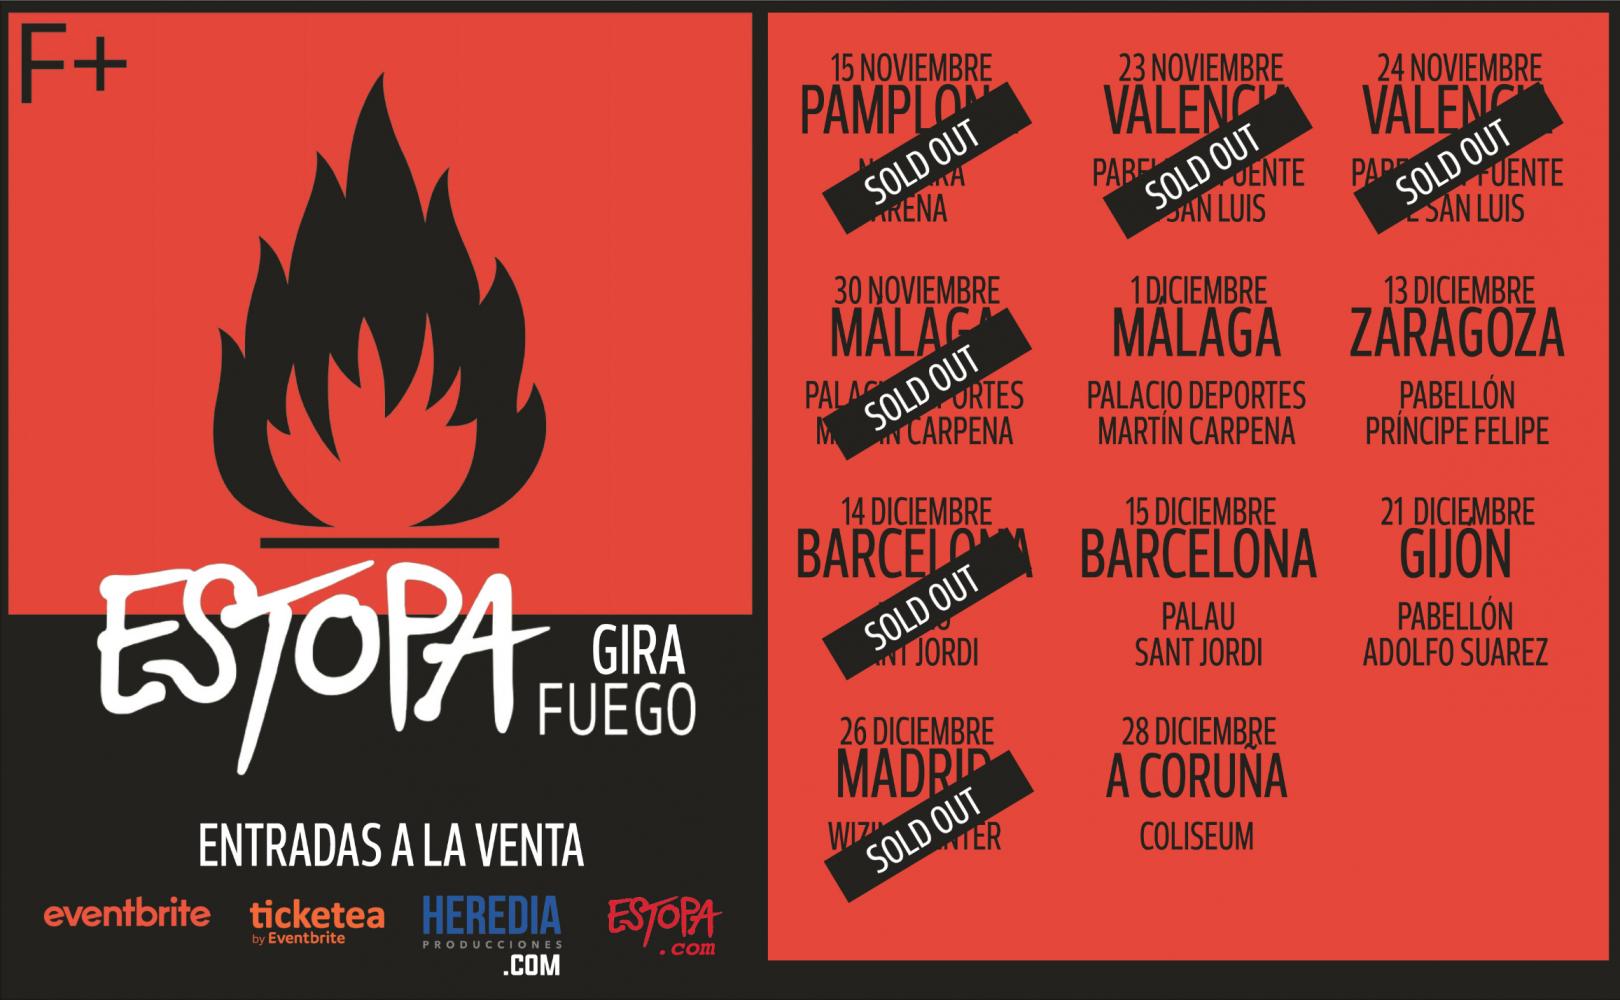 """Estopa comienza hoy su gira """"Fuego"""" con entradas agotadas en Pamplona"""